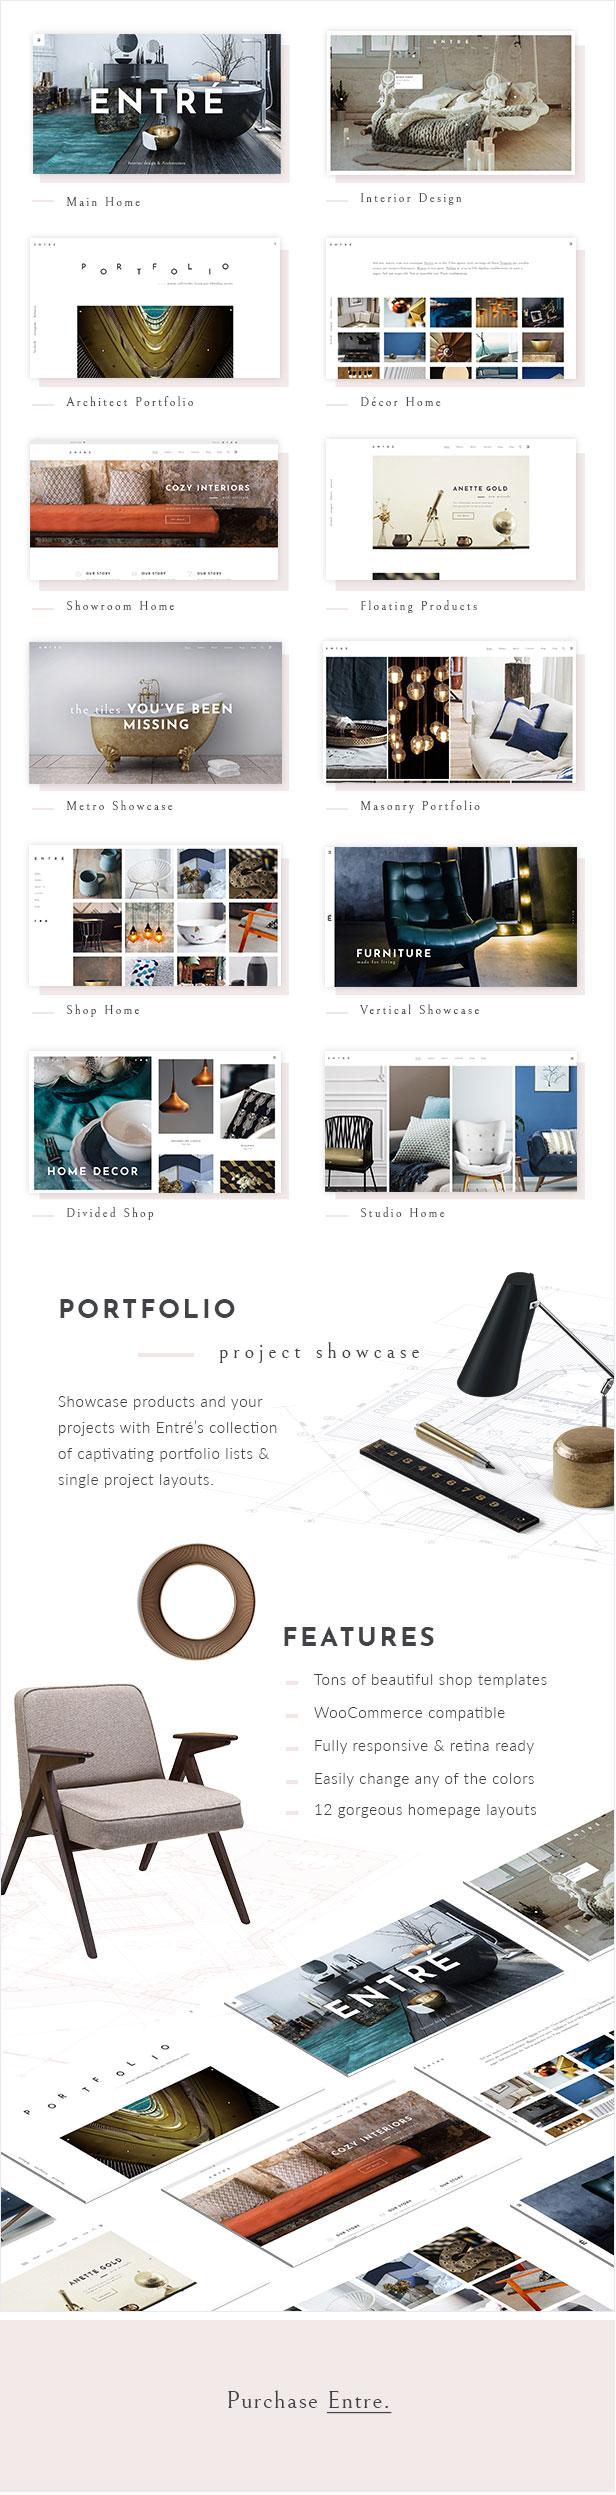 WordPress theme Entré - An Elegant Interior Design and Architecture Theme (Portfolio)